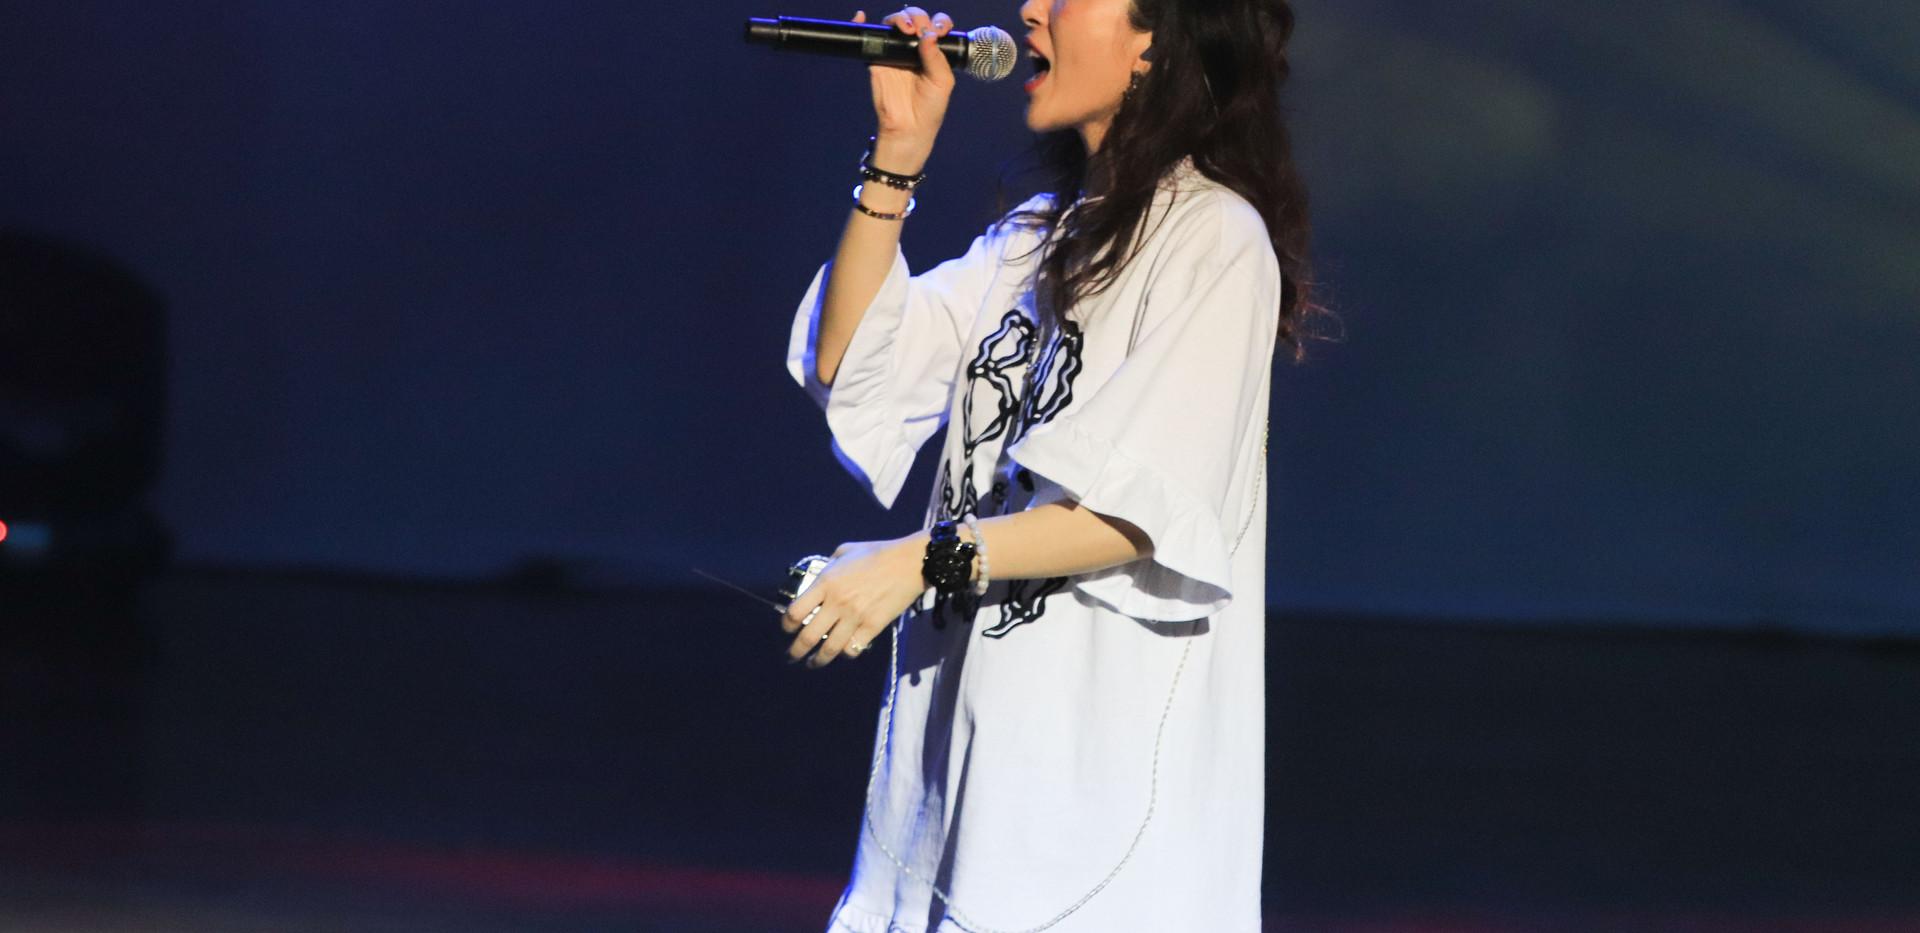 中國醫校慶演唱會-481.jpg